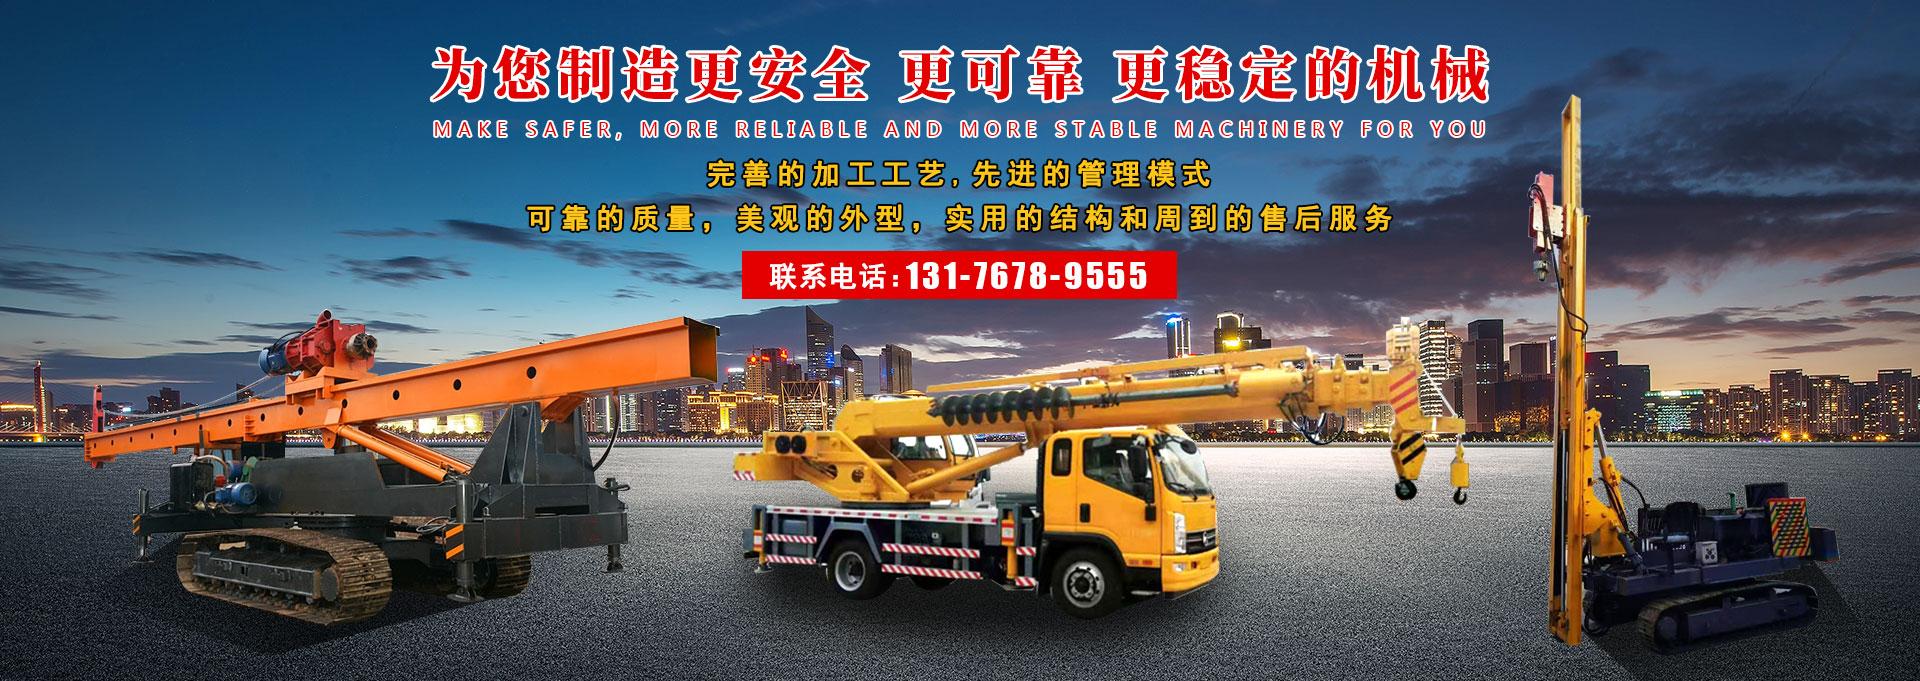 济宁华燊机械制造有限责任公司